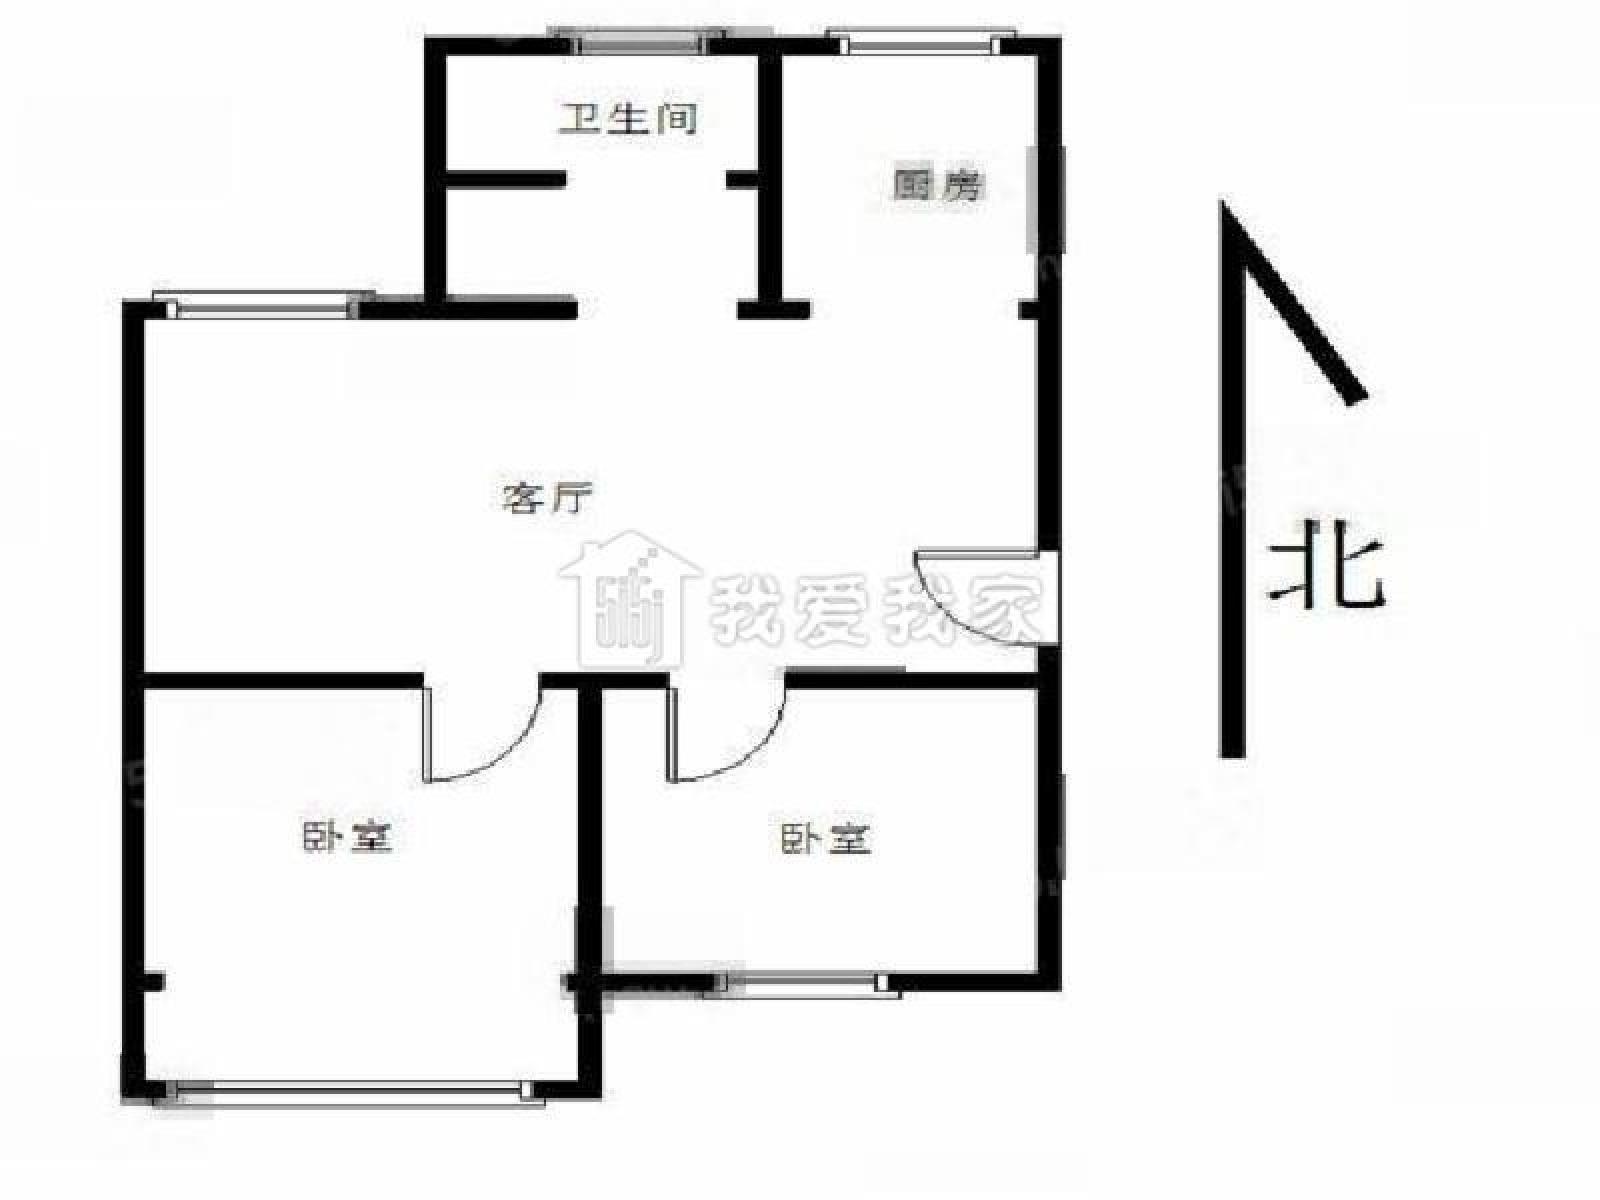 户型介绍 此房为南北向四室二厅二卫,160平米,精装,户型方正 居家装修